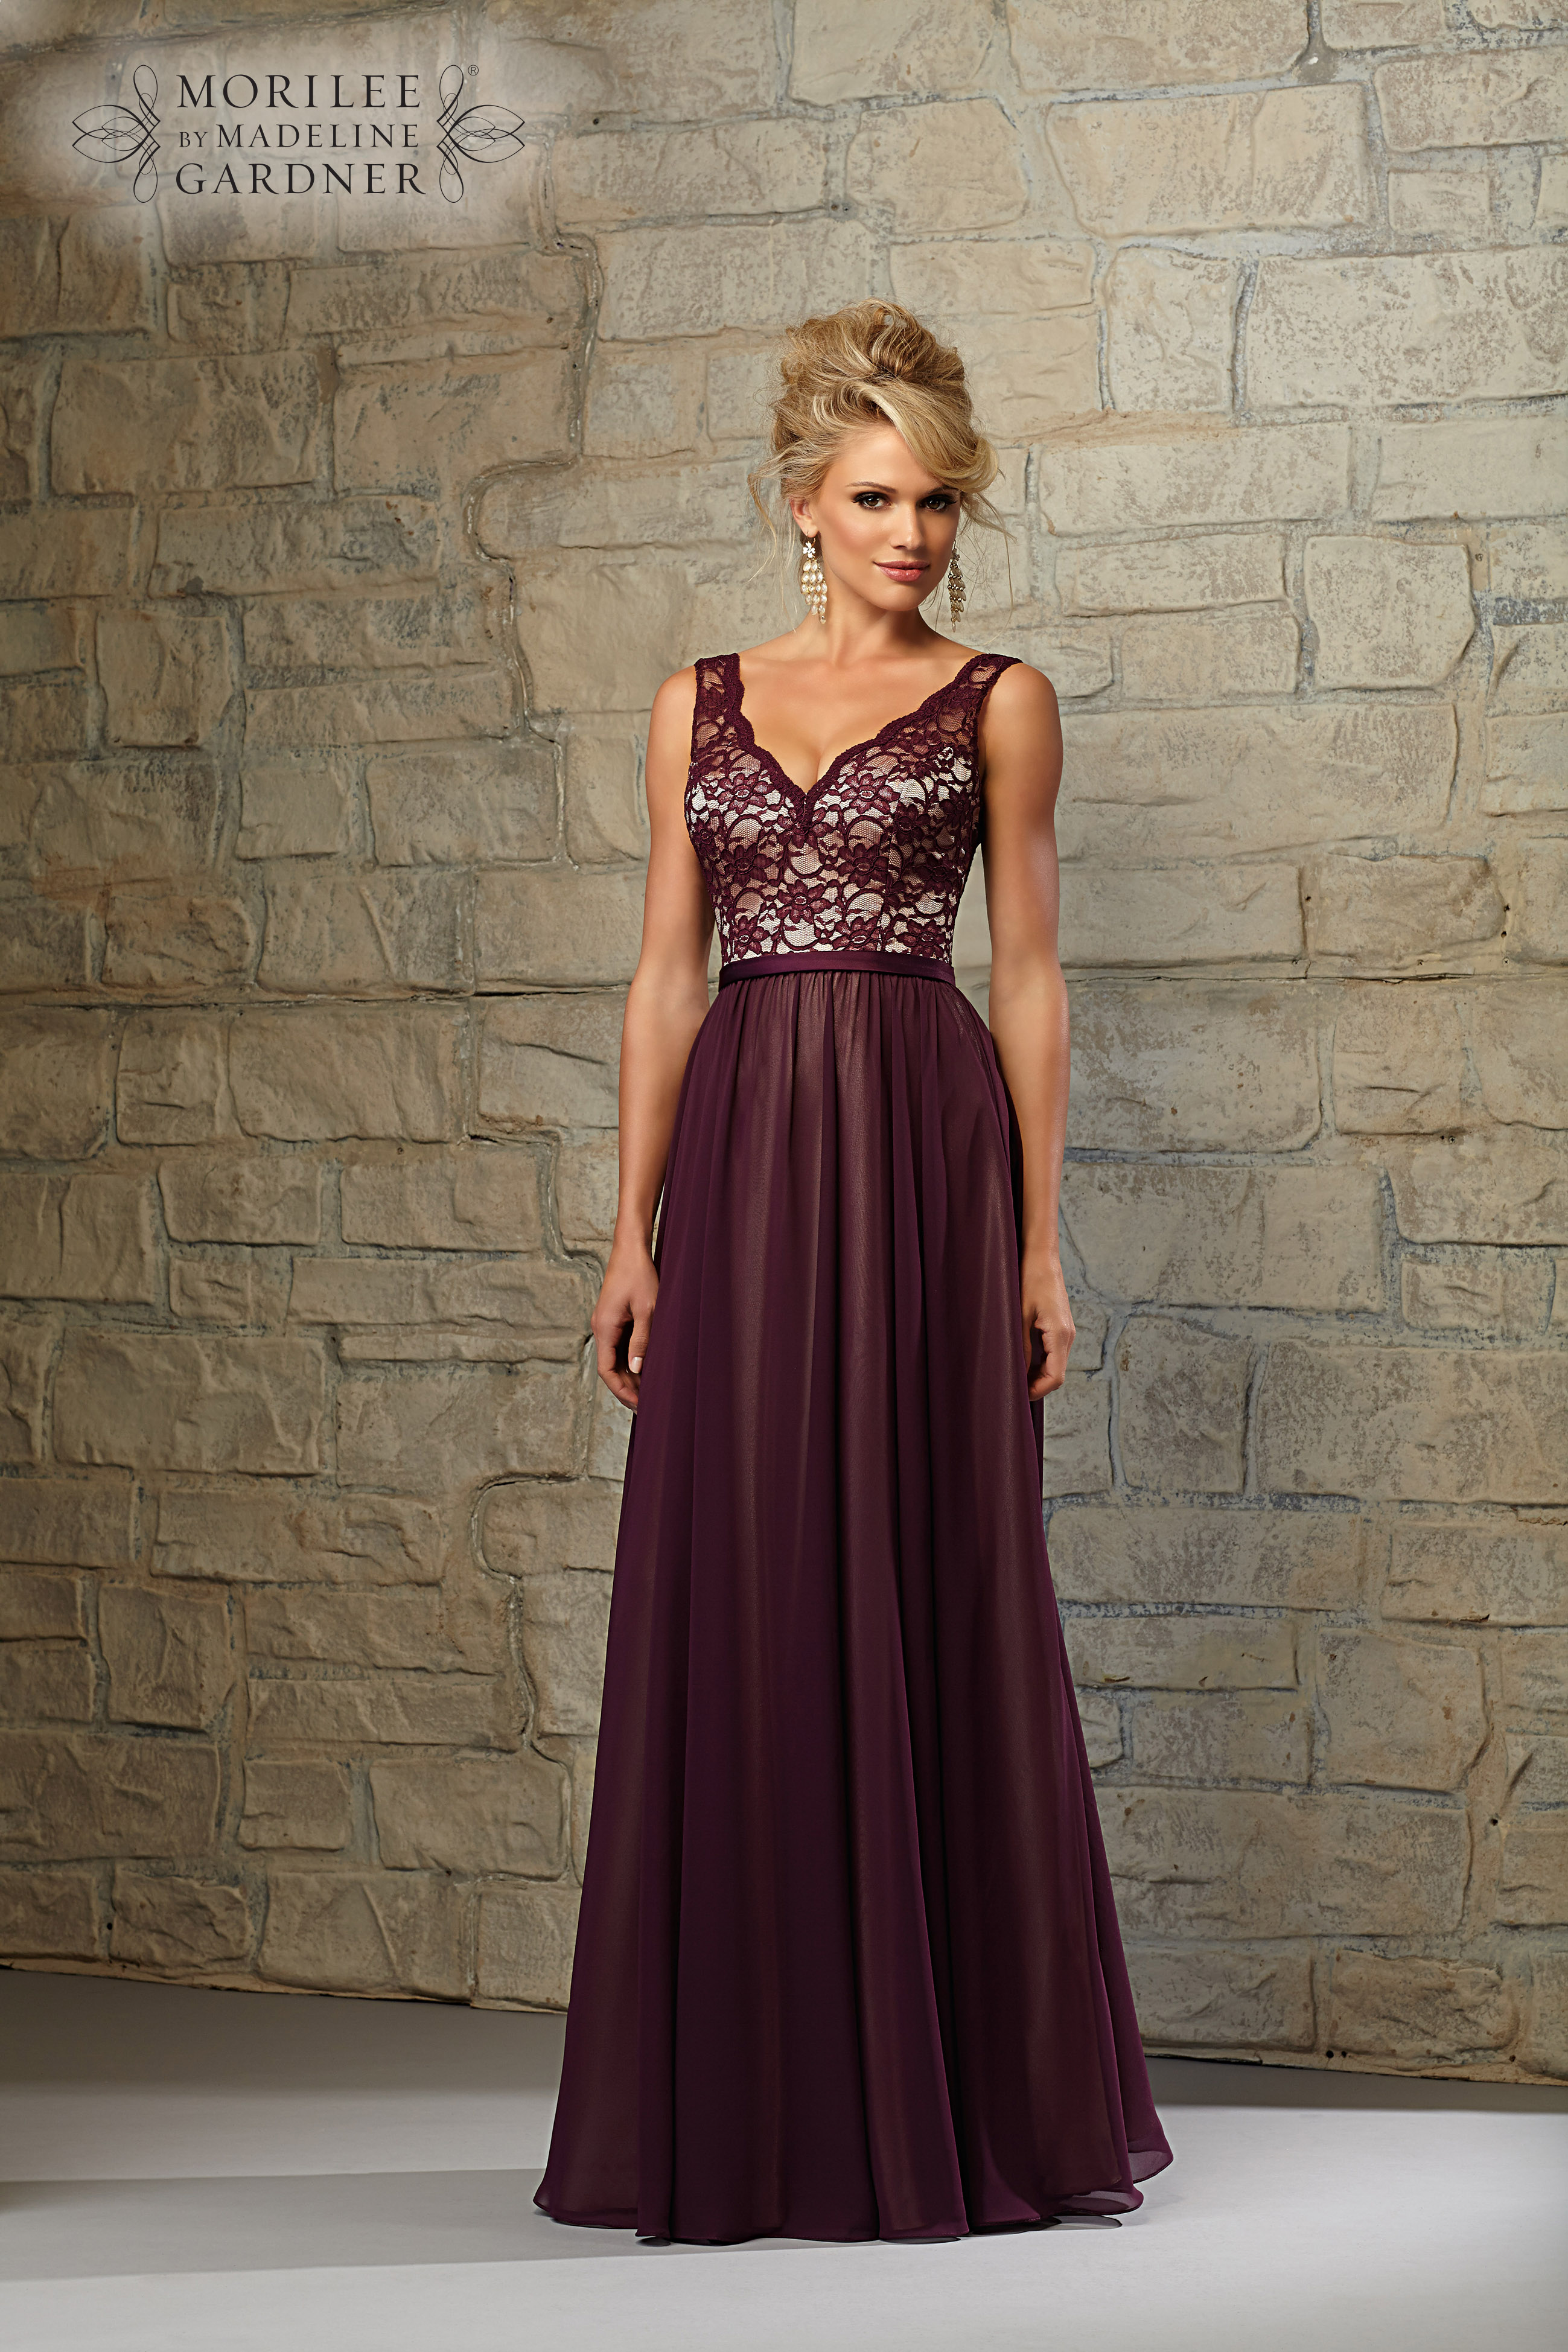 e83ccabdd5a6 Mori lee 714 bridesmaid dress - Catrinas Bridal